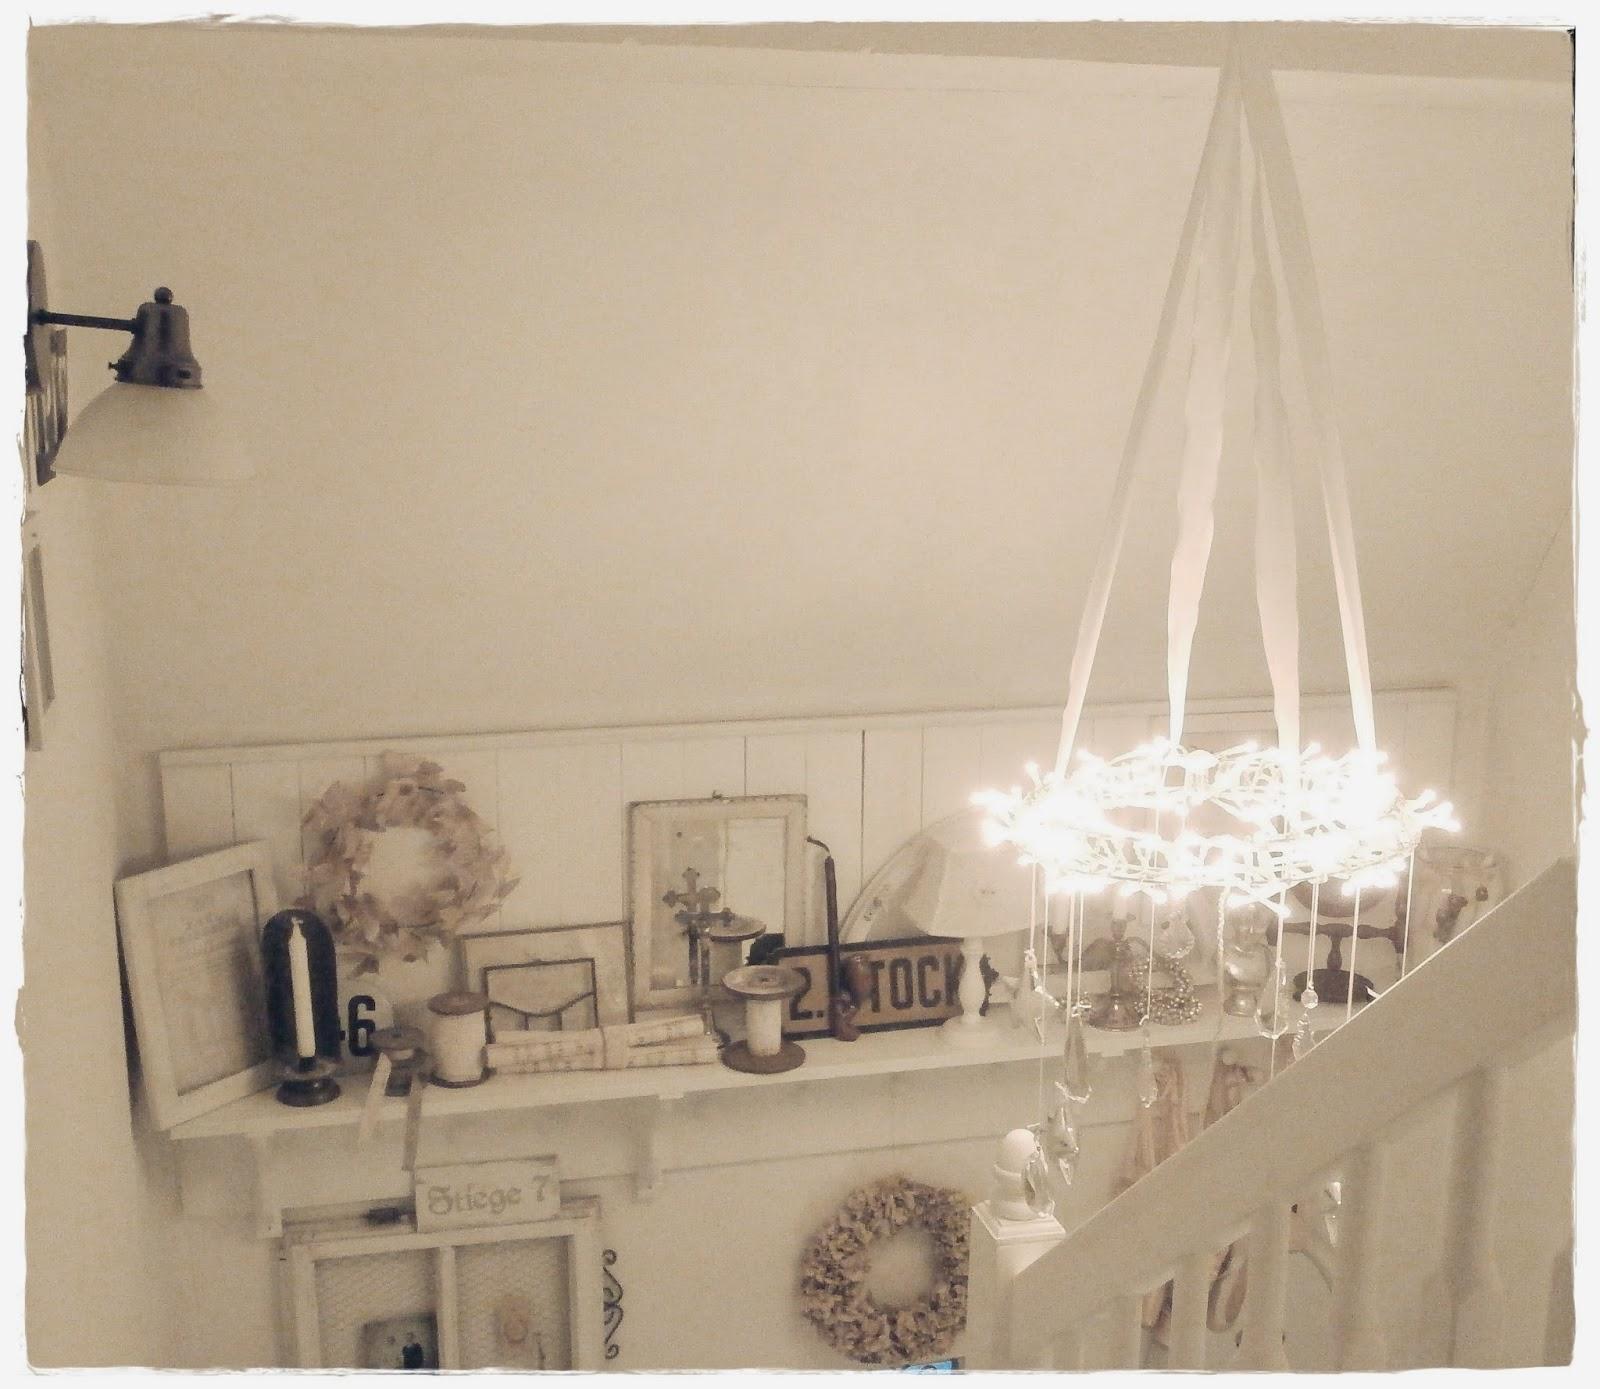 Schlafzimmer regalwand: schlafzimmer möbel gebraucht kaufen in ...